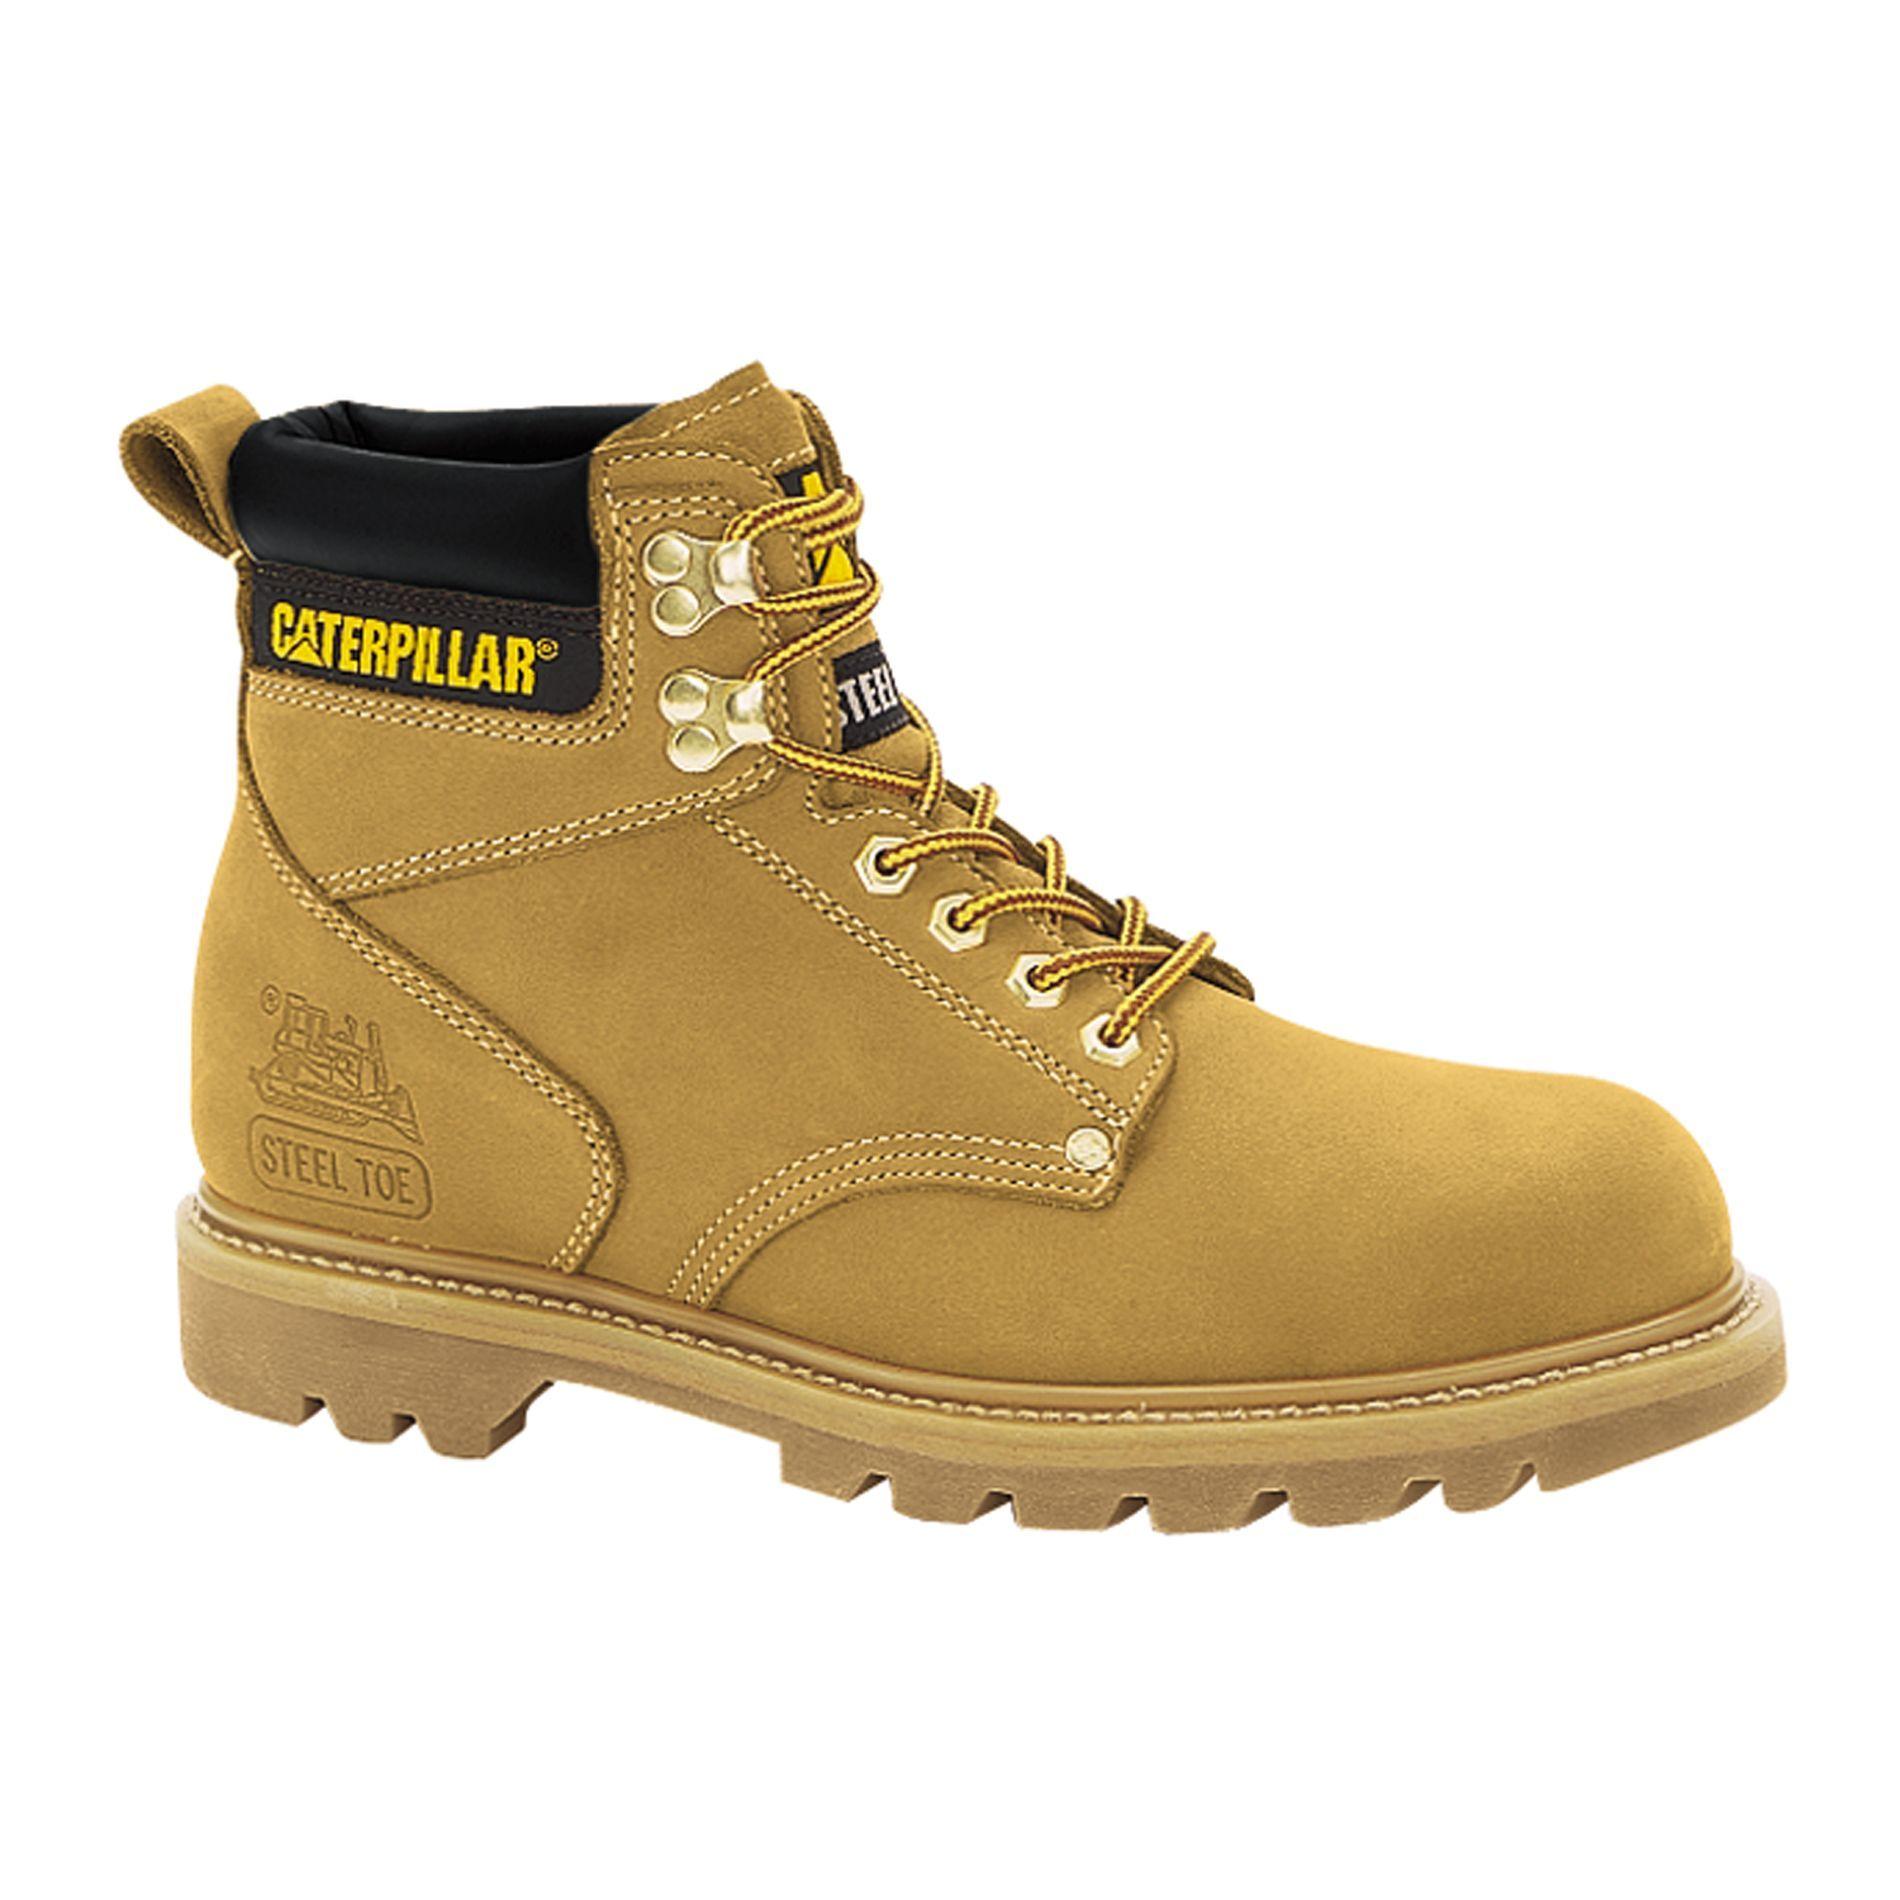 Steel toe caterpillar boots | Caterpillar Boots | Pinterest | Cats ...